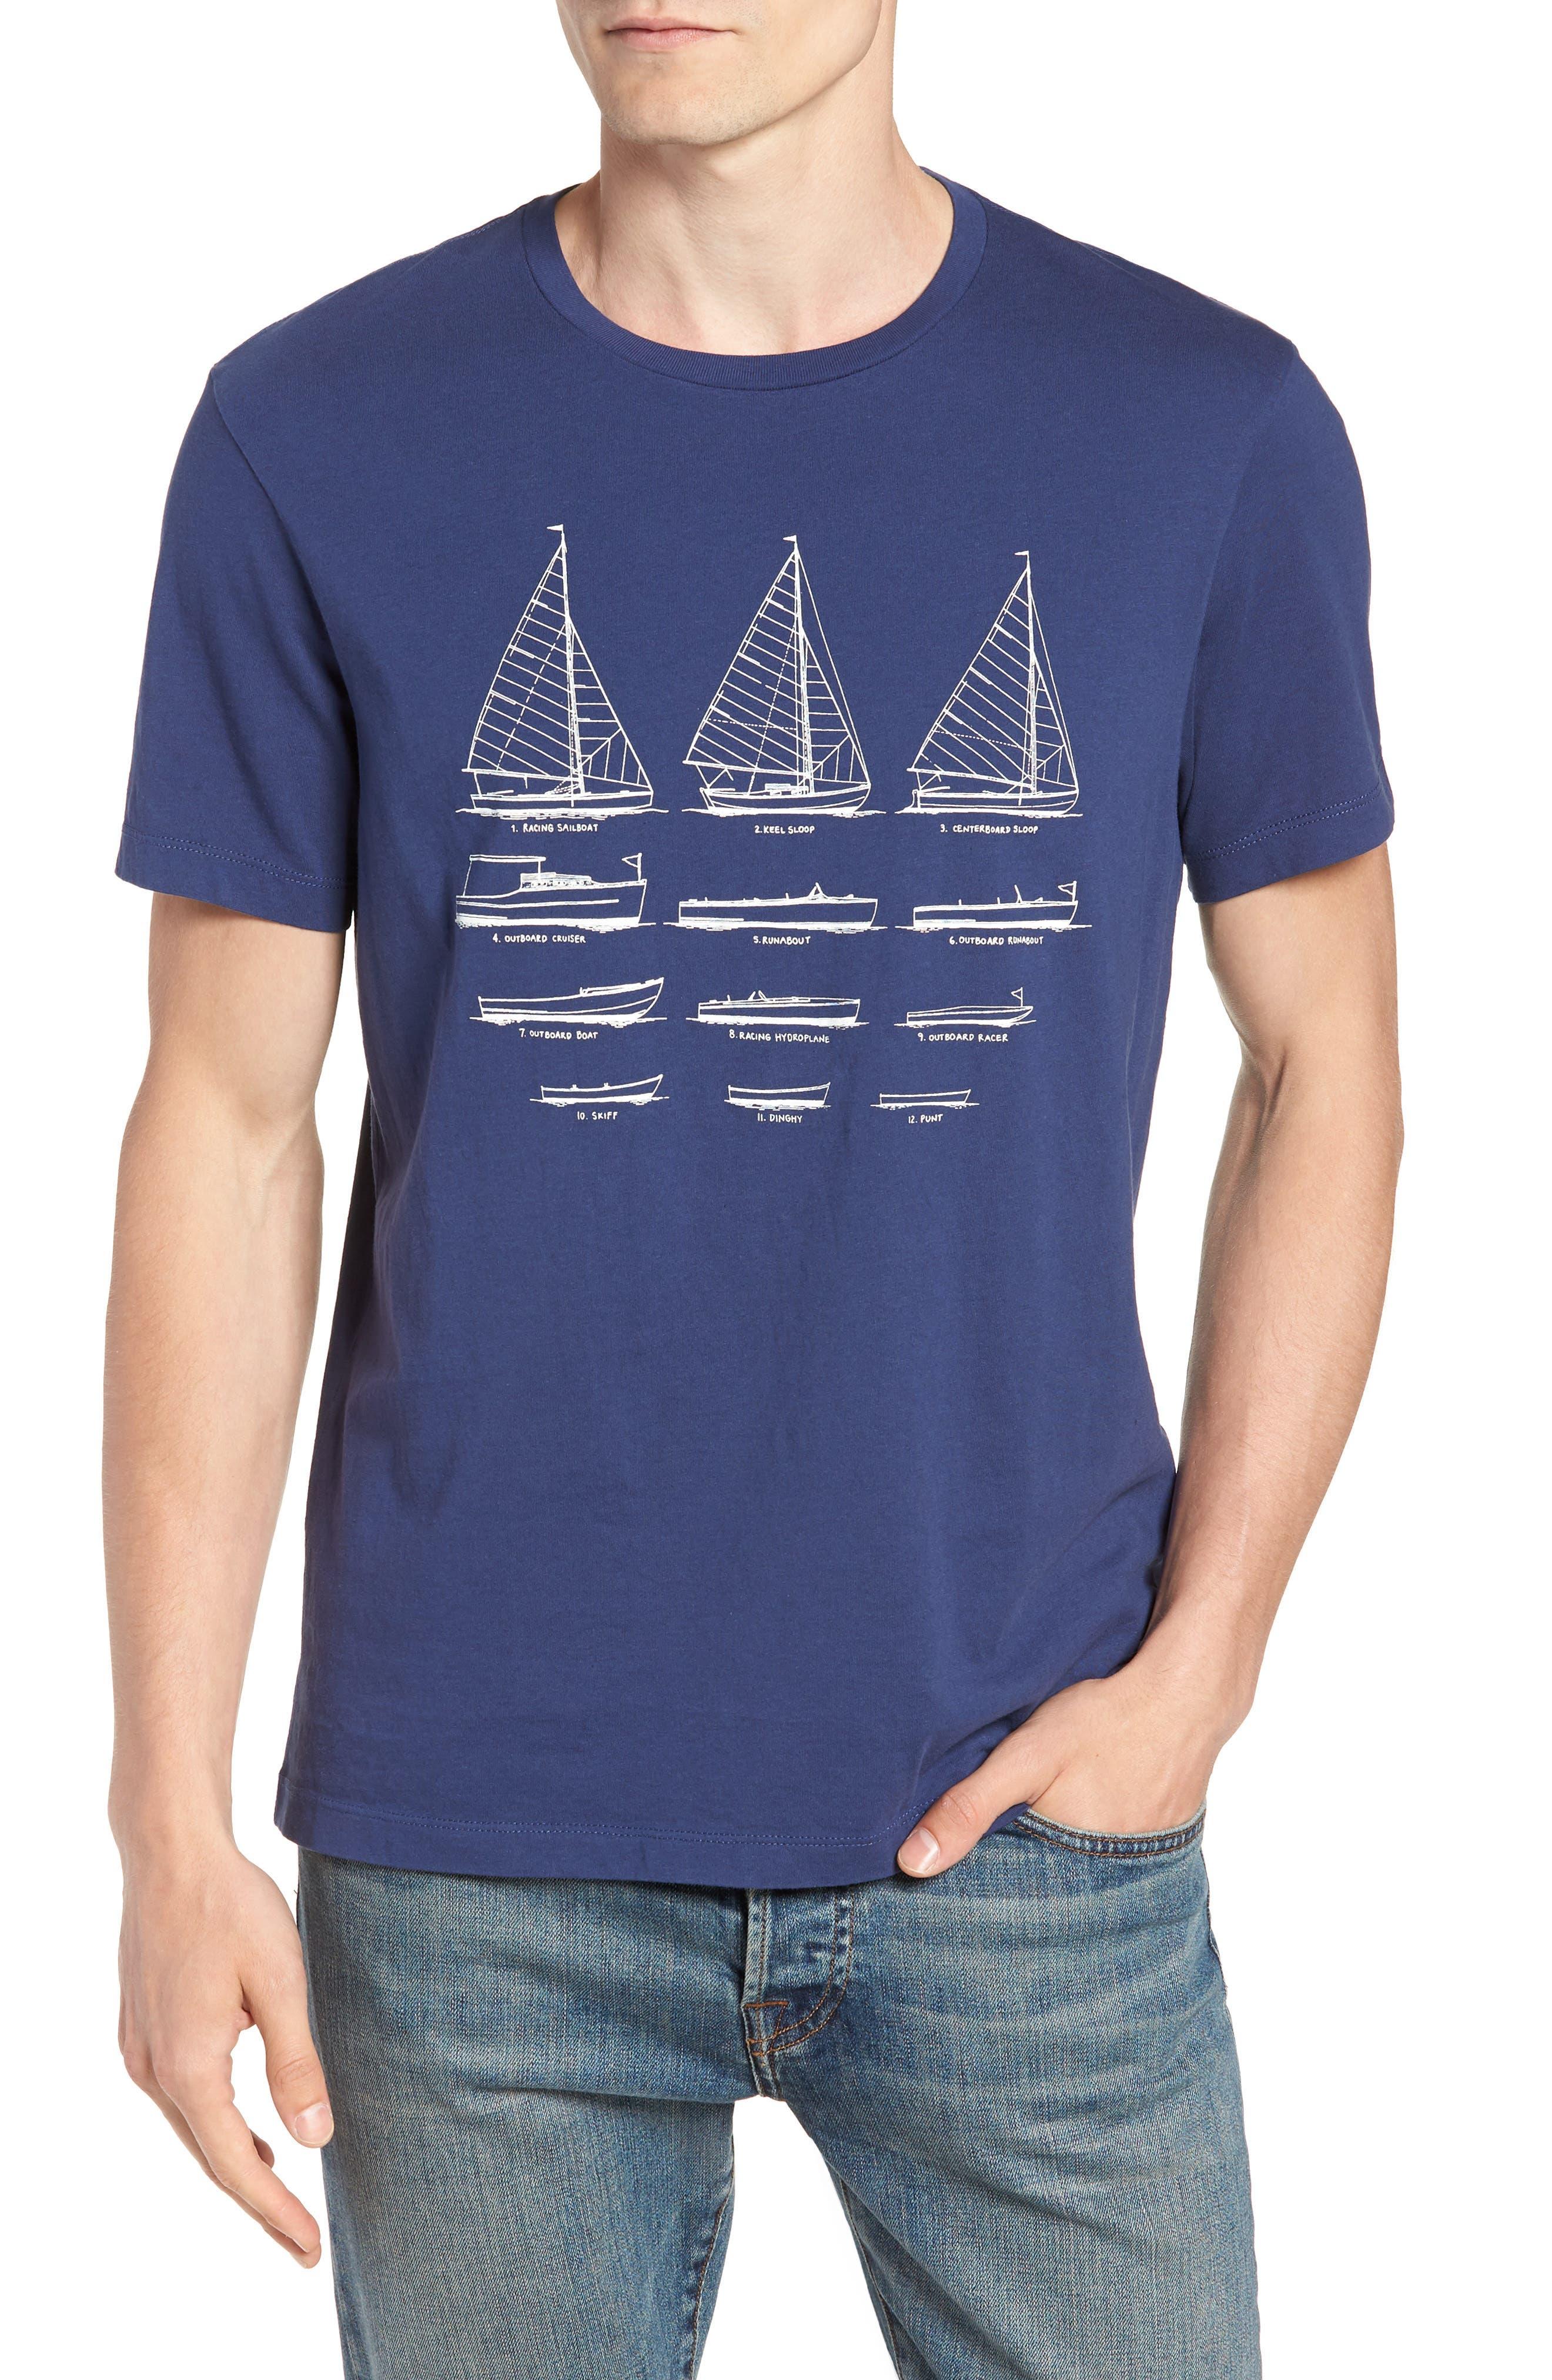 Mercantile Sailboat Graphic T-Shirt,                             Main thumbnail 1, color,                             Boat Sketch